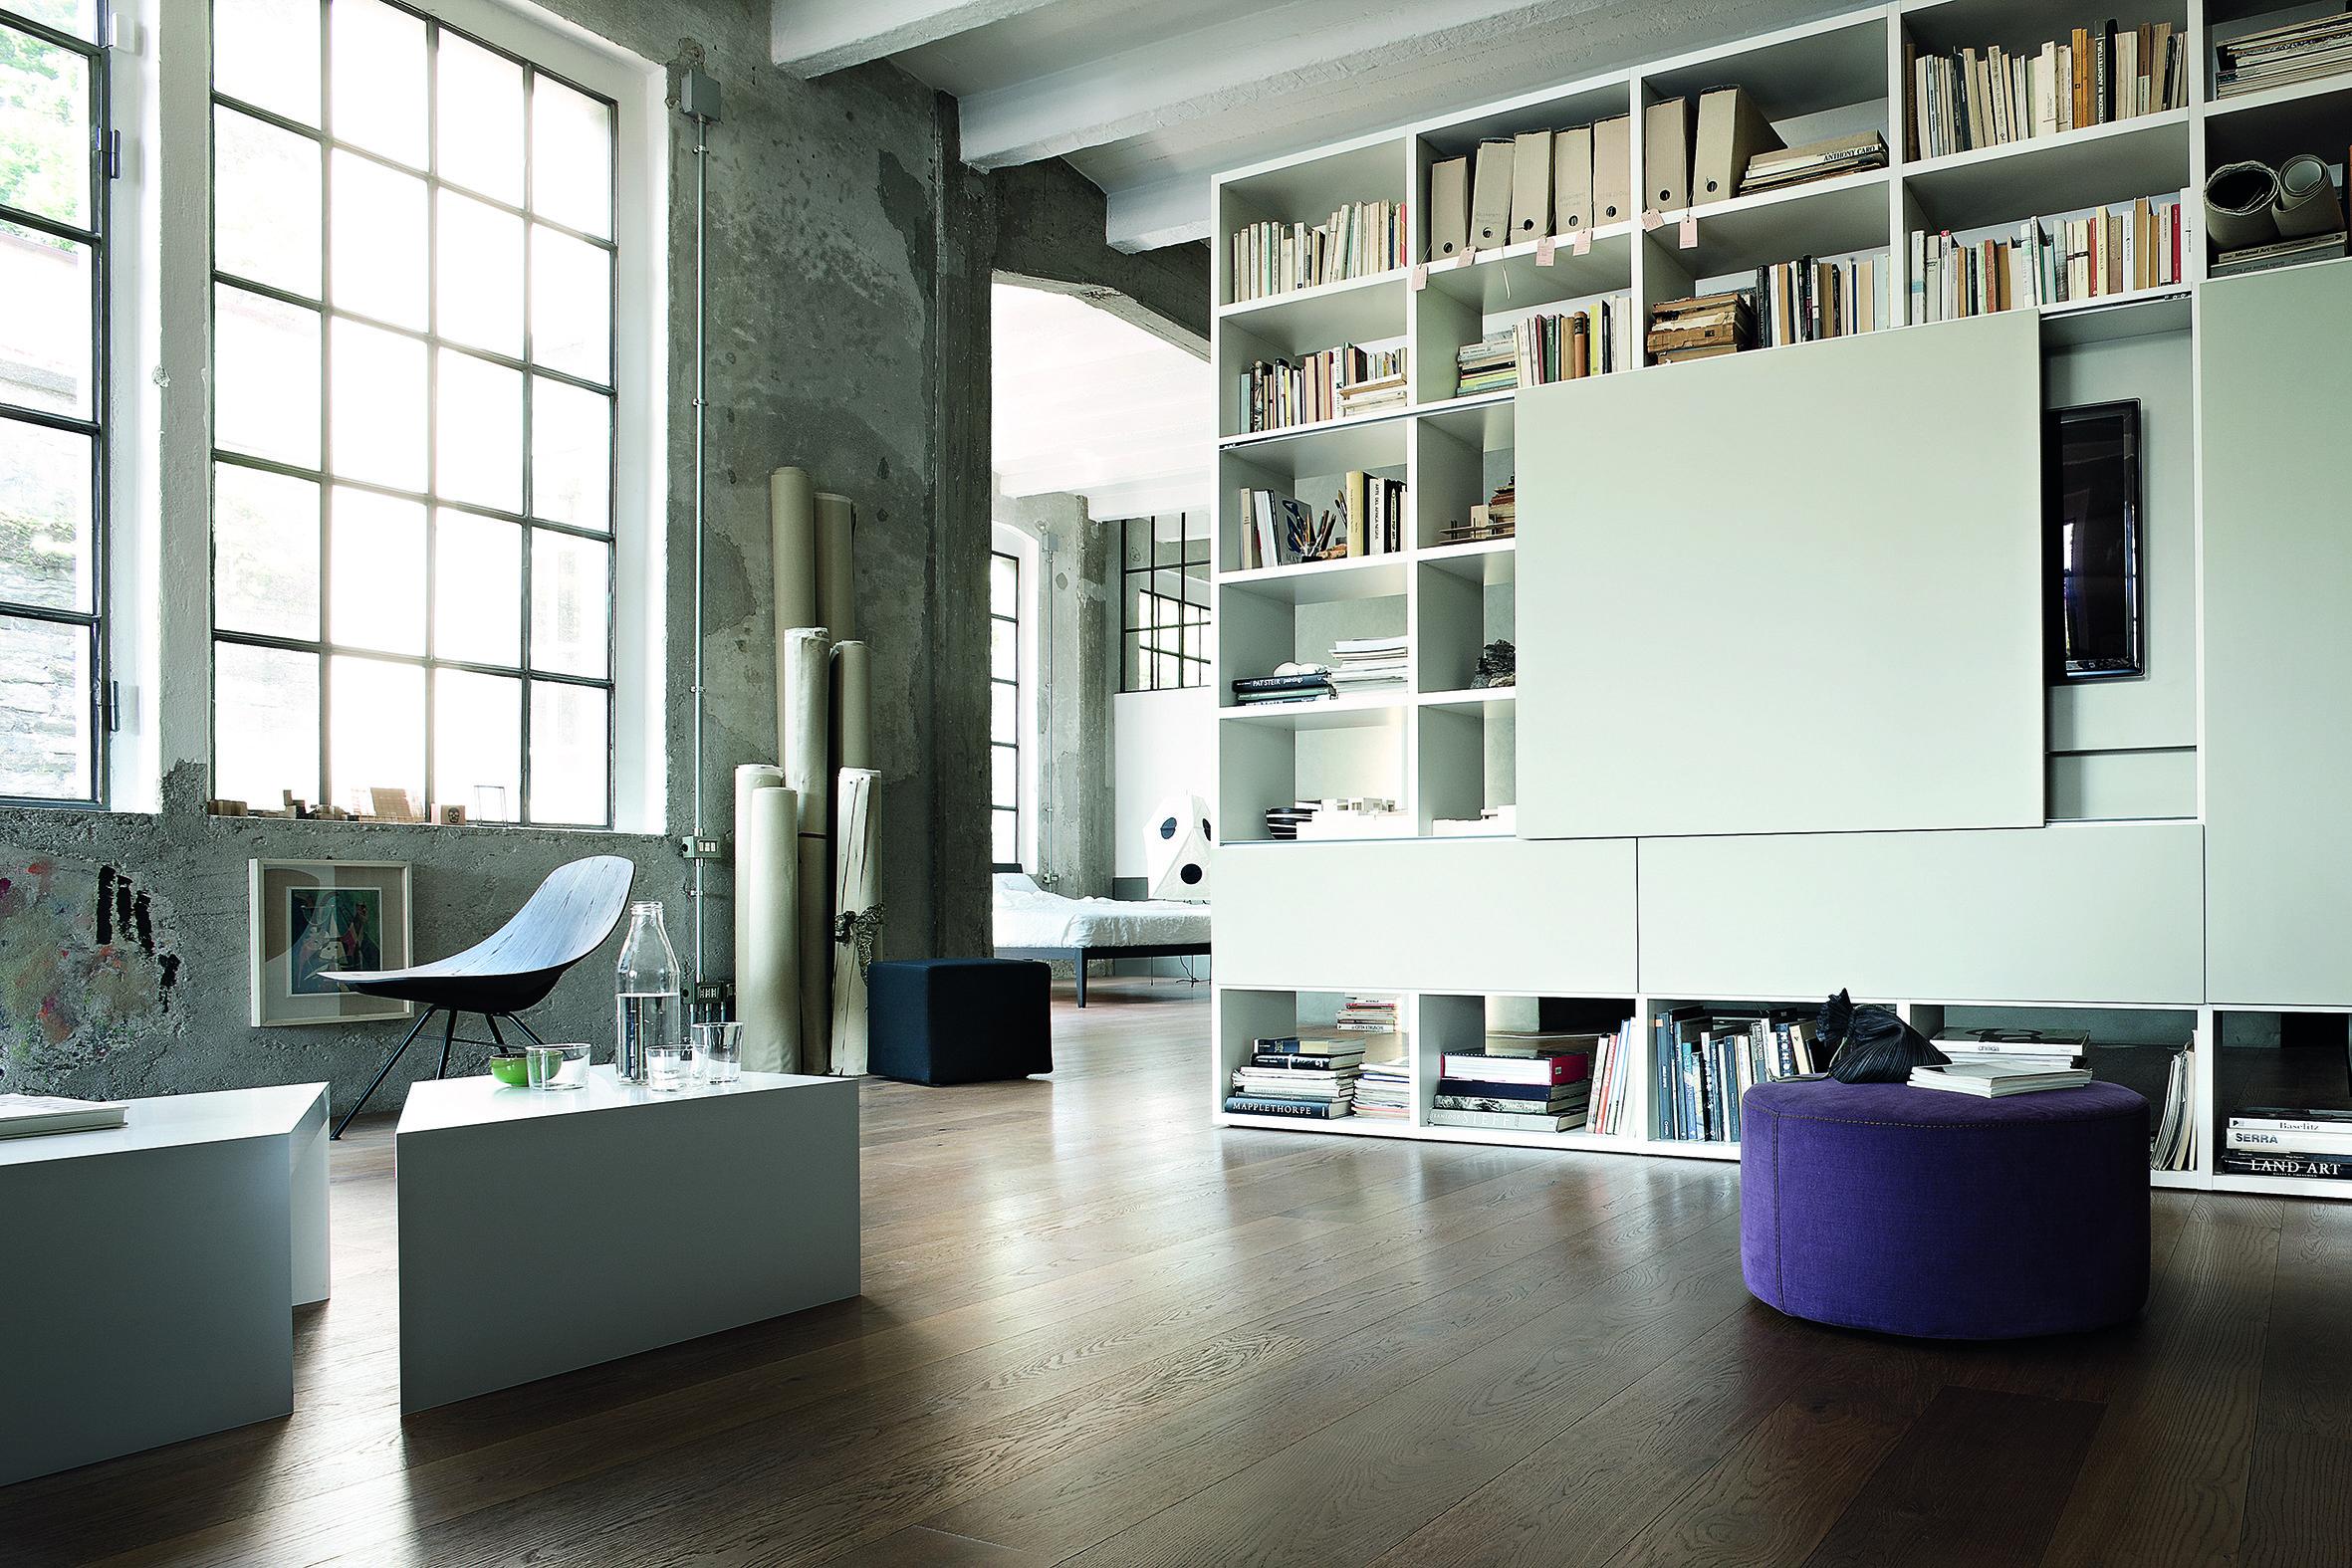 Dividere con i mobili 5 soluzioni lema cose di casa - Mobili separatori ...